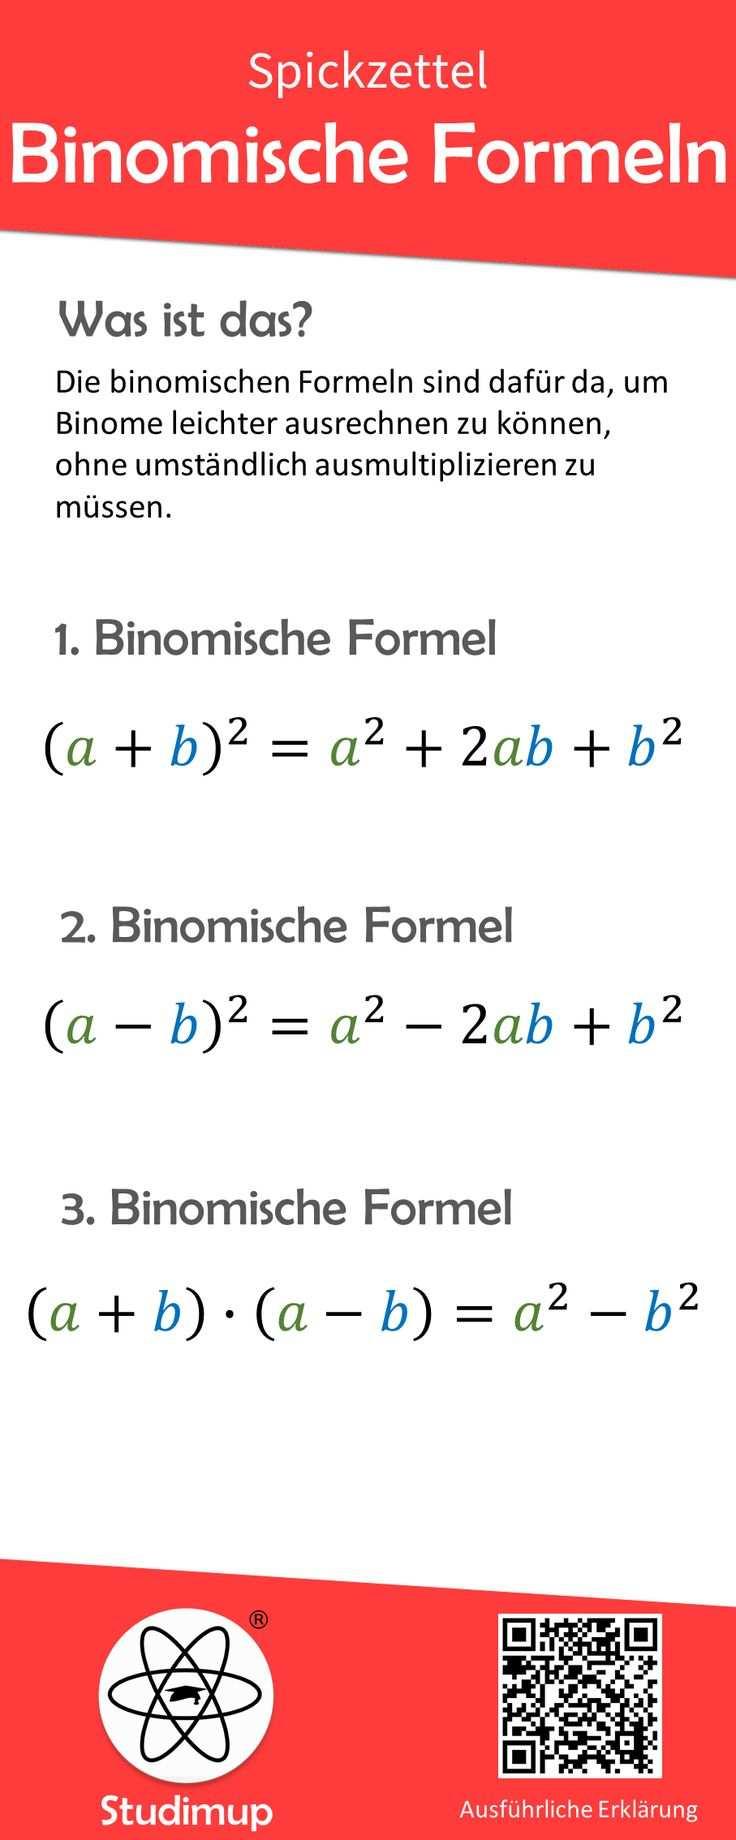 Binomische Formeln Spickzettel Binomische Formeln Spickzettel Nachhilfe Mathe